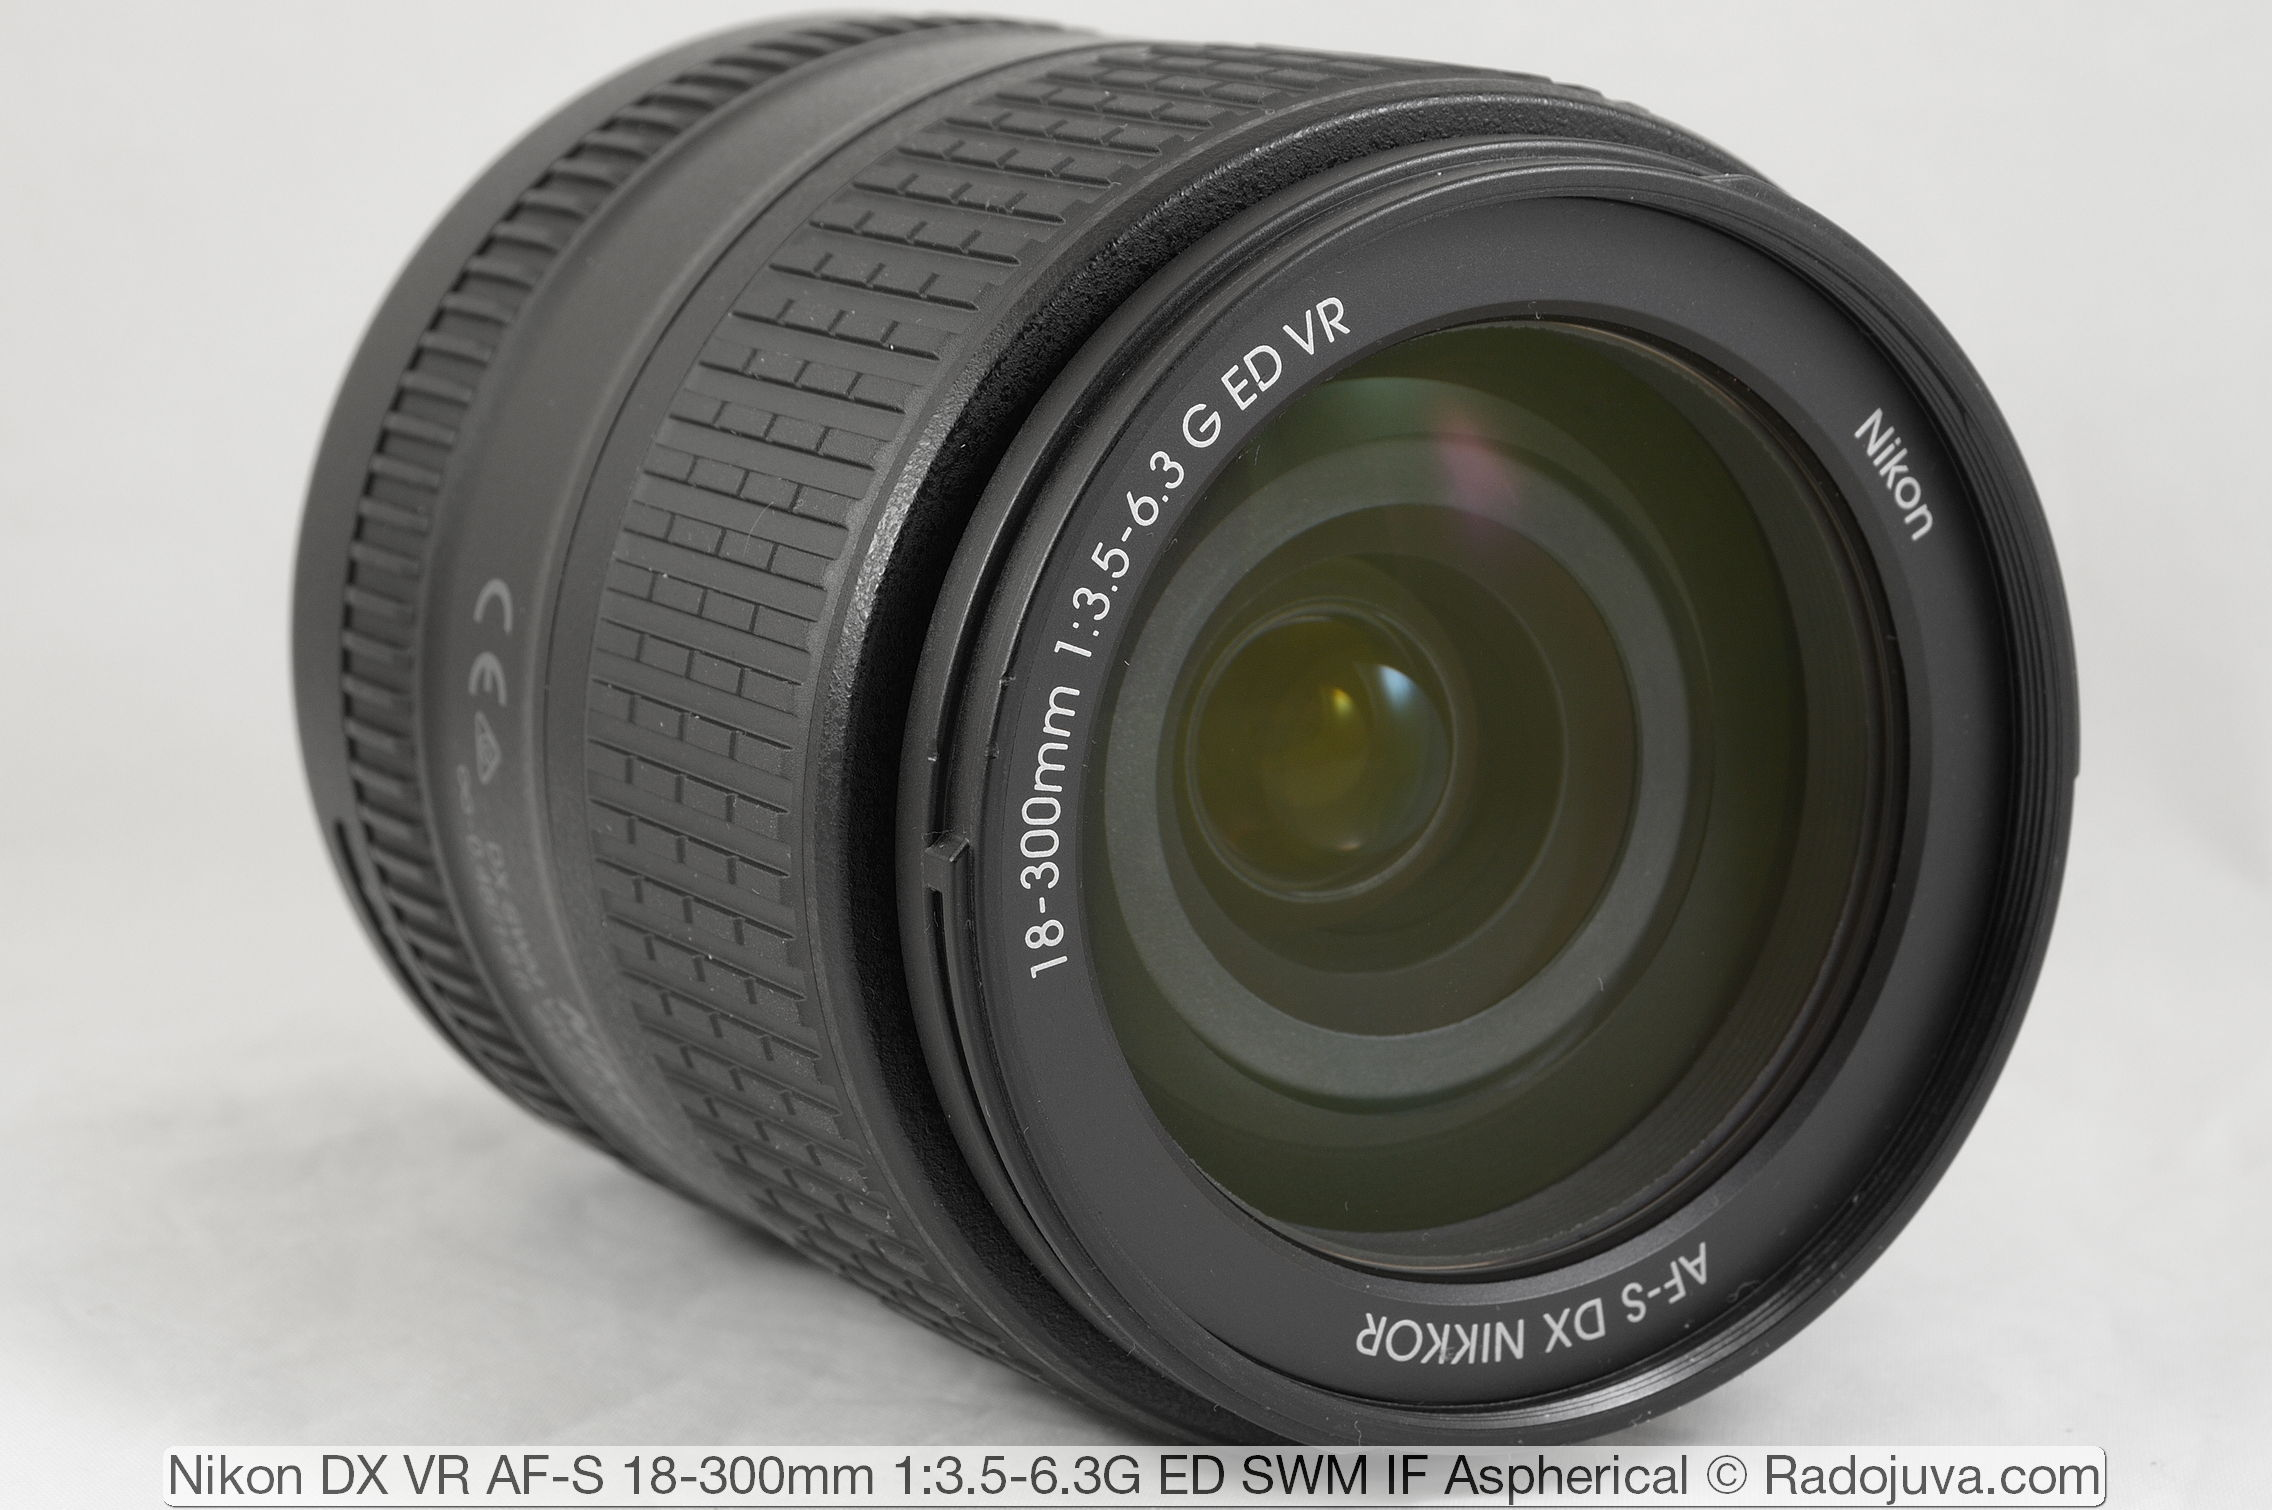 Nikon DX VR AF-S 18-300mm 1:3.5-6.3G ED SWM IF Aspherical